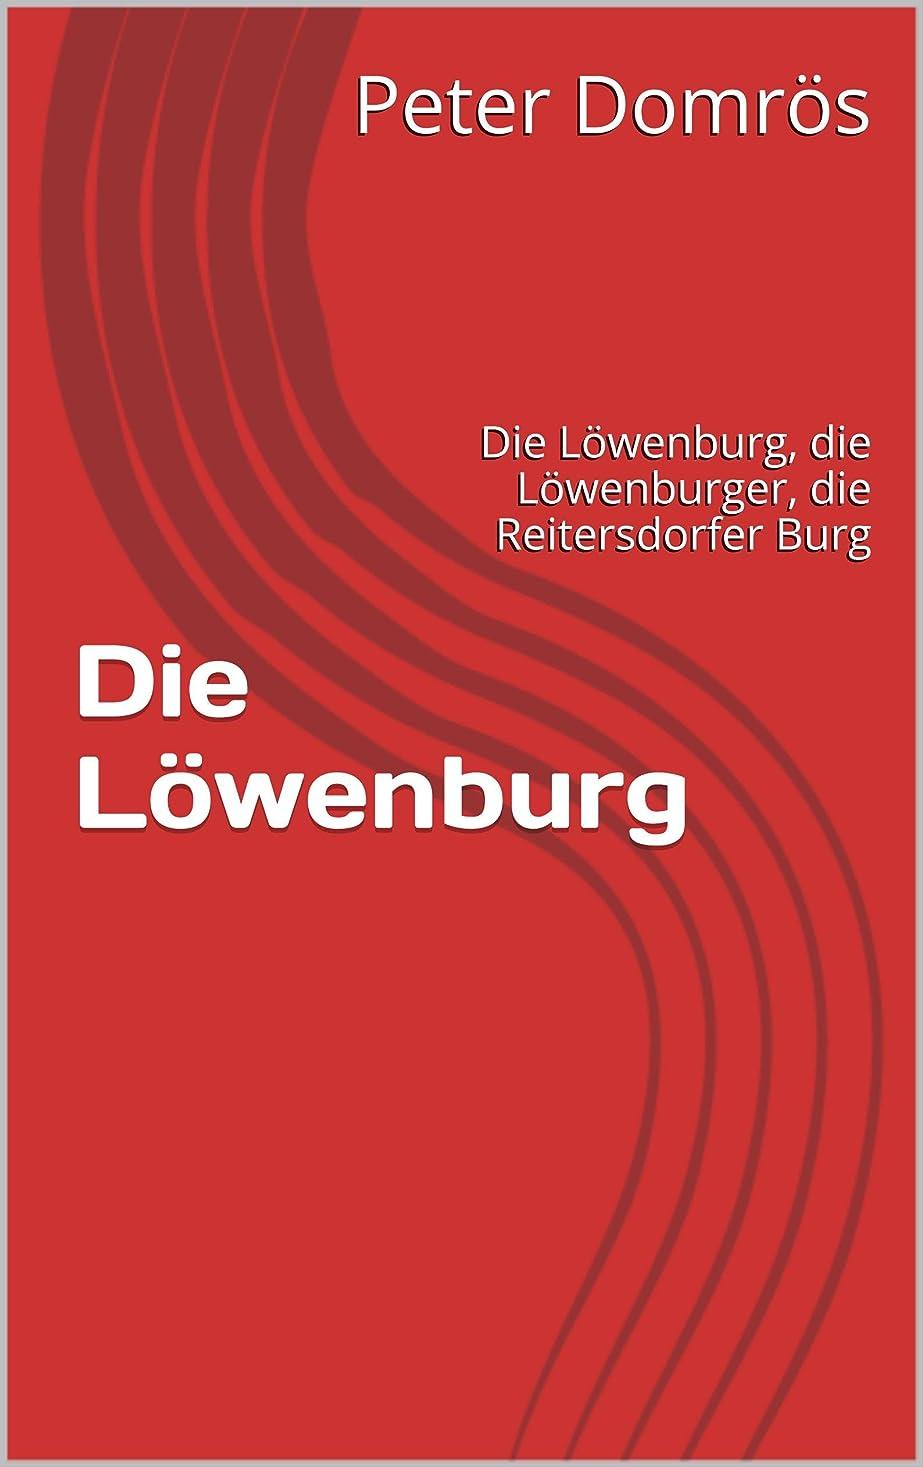 指令ソース引退するDie L?wenburg: Die L?wenburg, die L?wenburger, die Reitersdorfer Burg (German Edition)